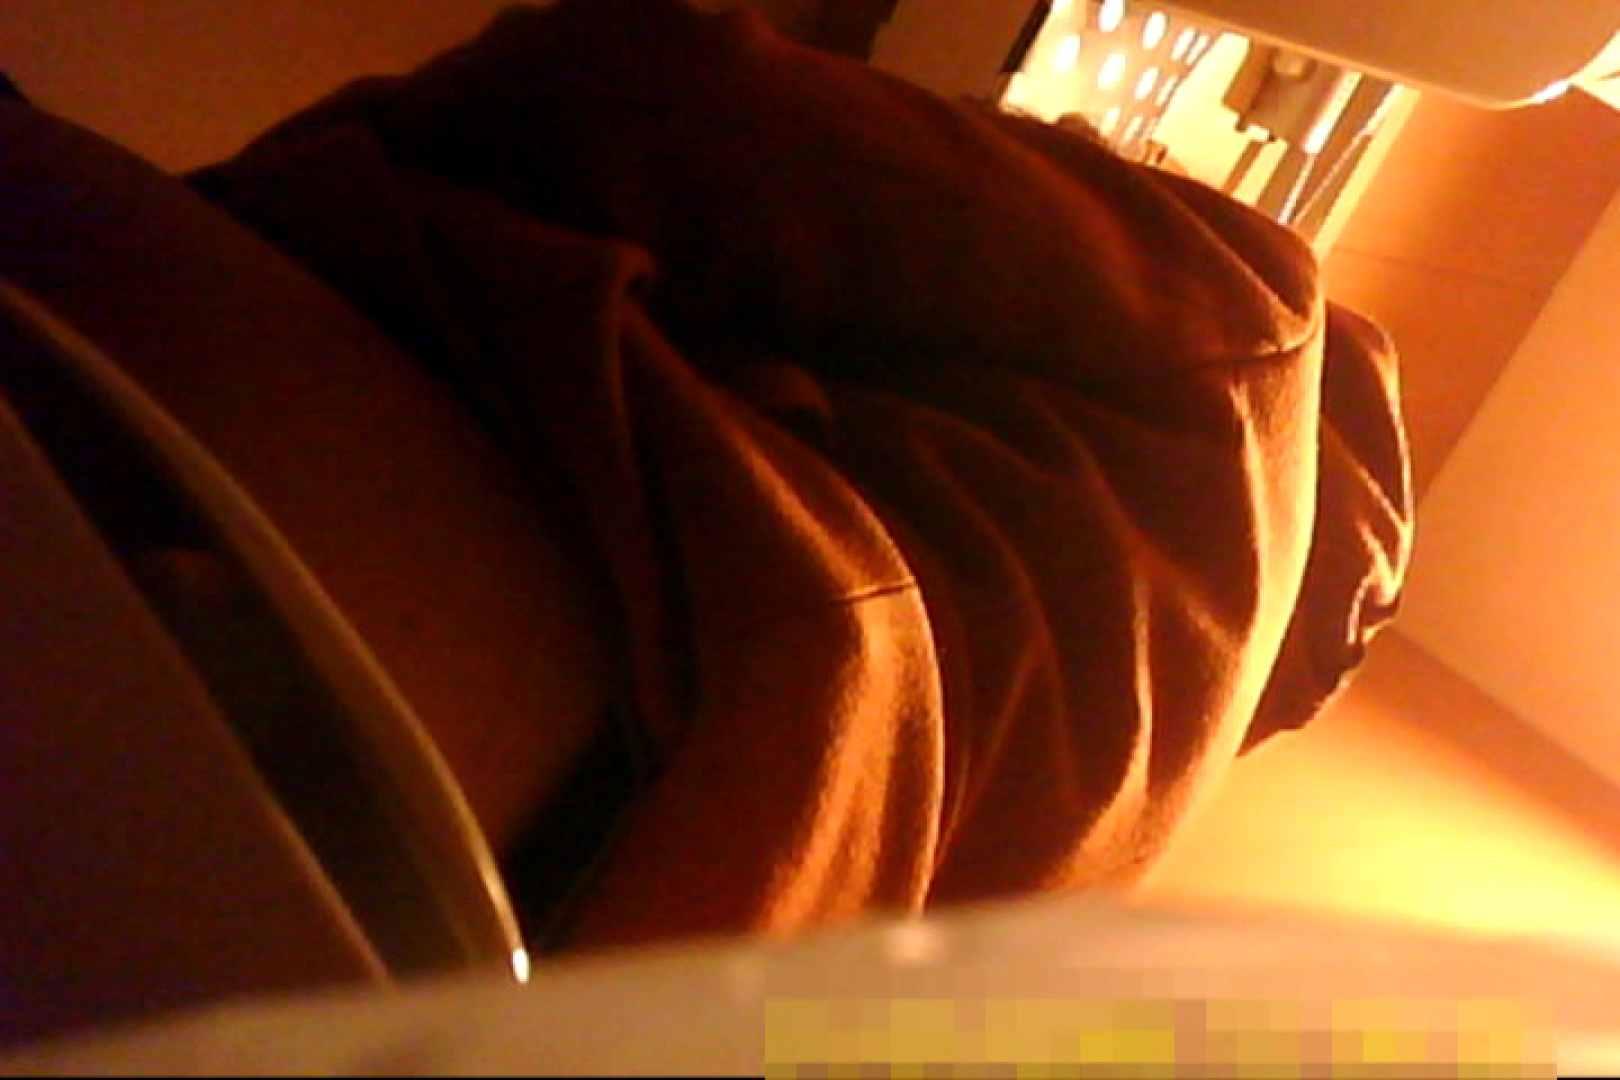 魅惑の化粧室~禁断のプライベート空間~vol.6 チラ歓迎 ワレメ無修正動画無料 75pic 18